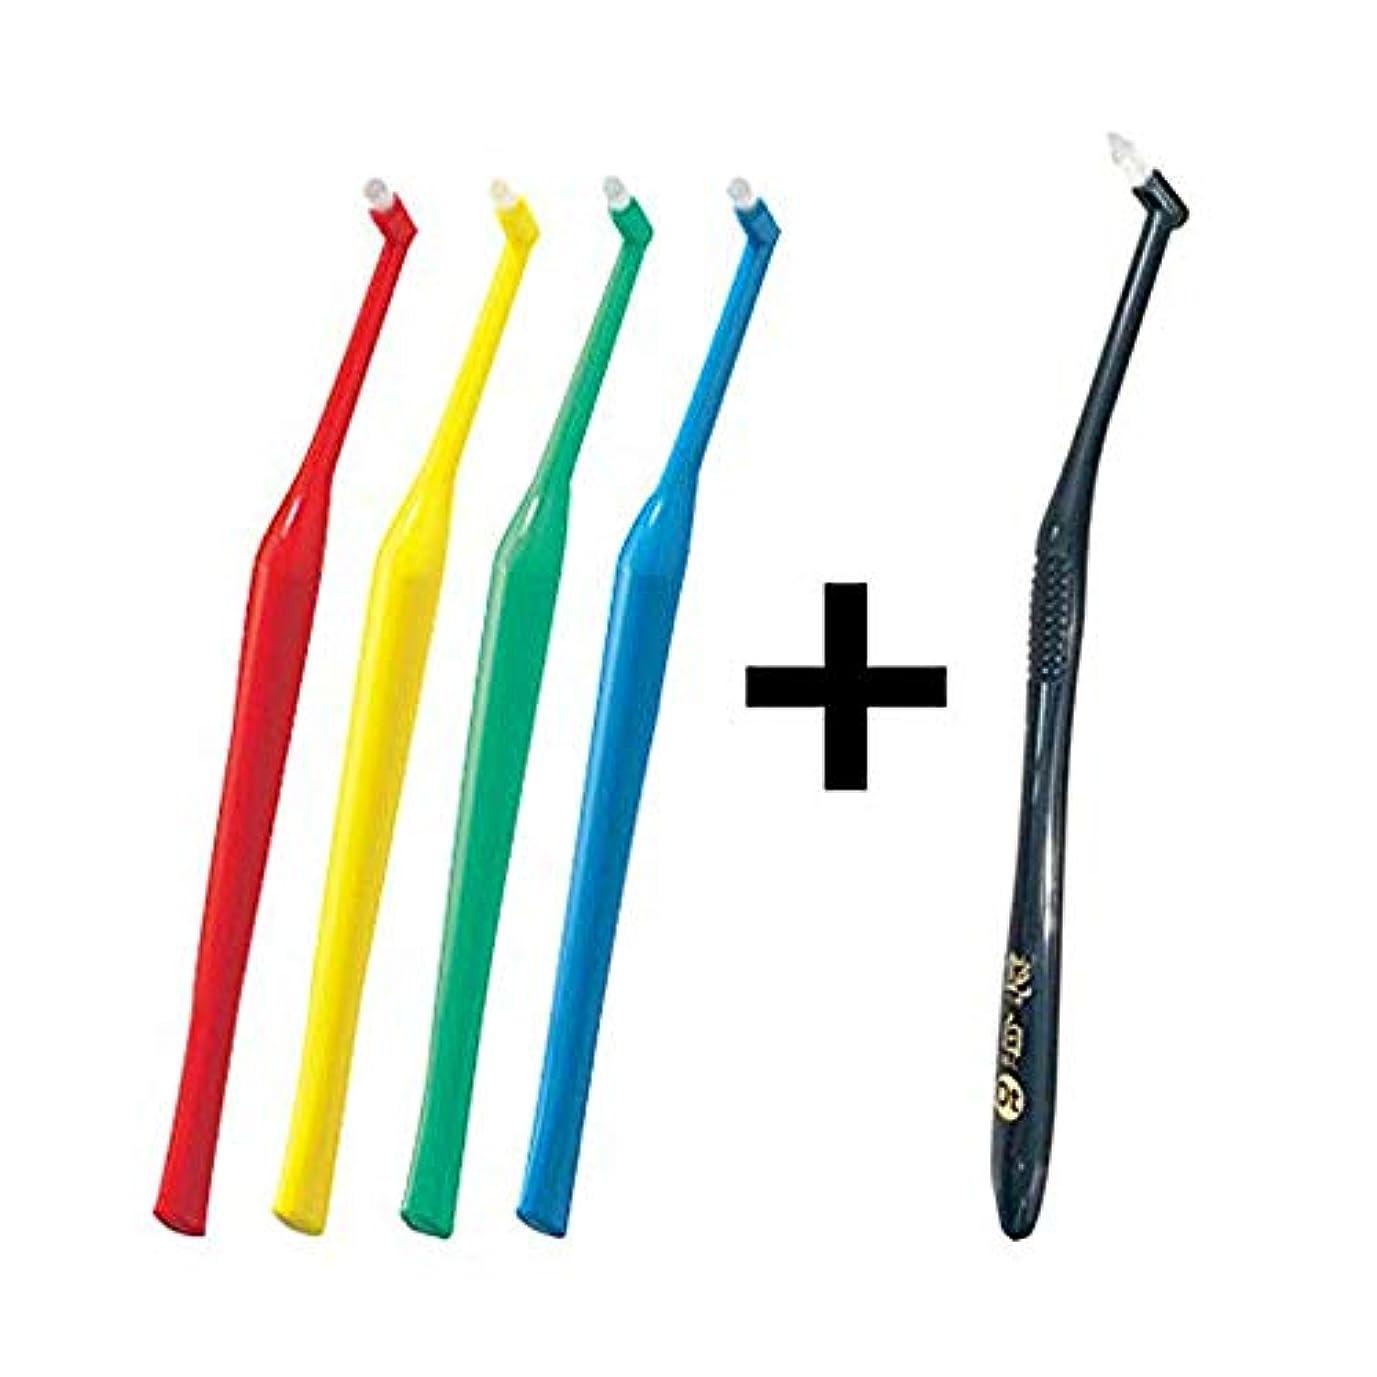 拍車ジレンマフラフーププラウト Plaut × 4本 アソート (M(ミディアム))+艶白 ワンタフト 歯ブラシ 1本 MS(やややわらかめ) オーラルケア ポイントブラシ 歯科専売品